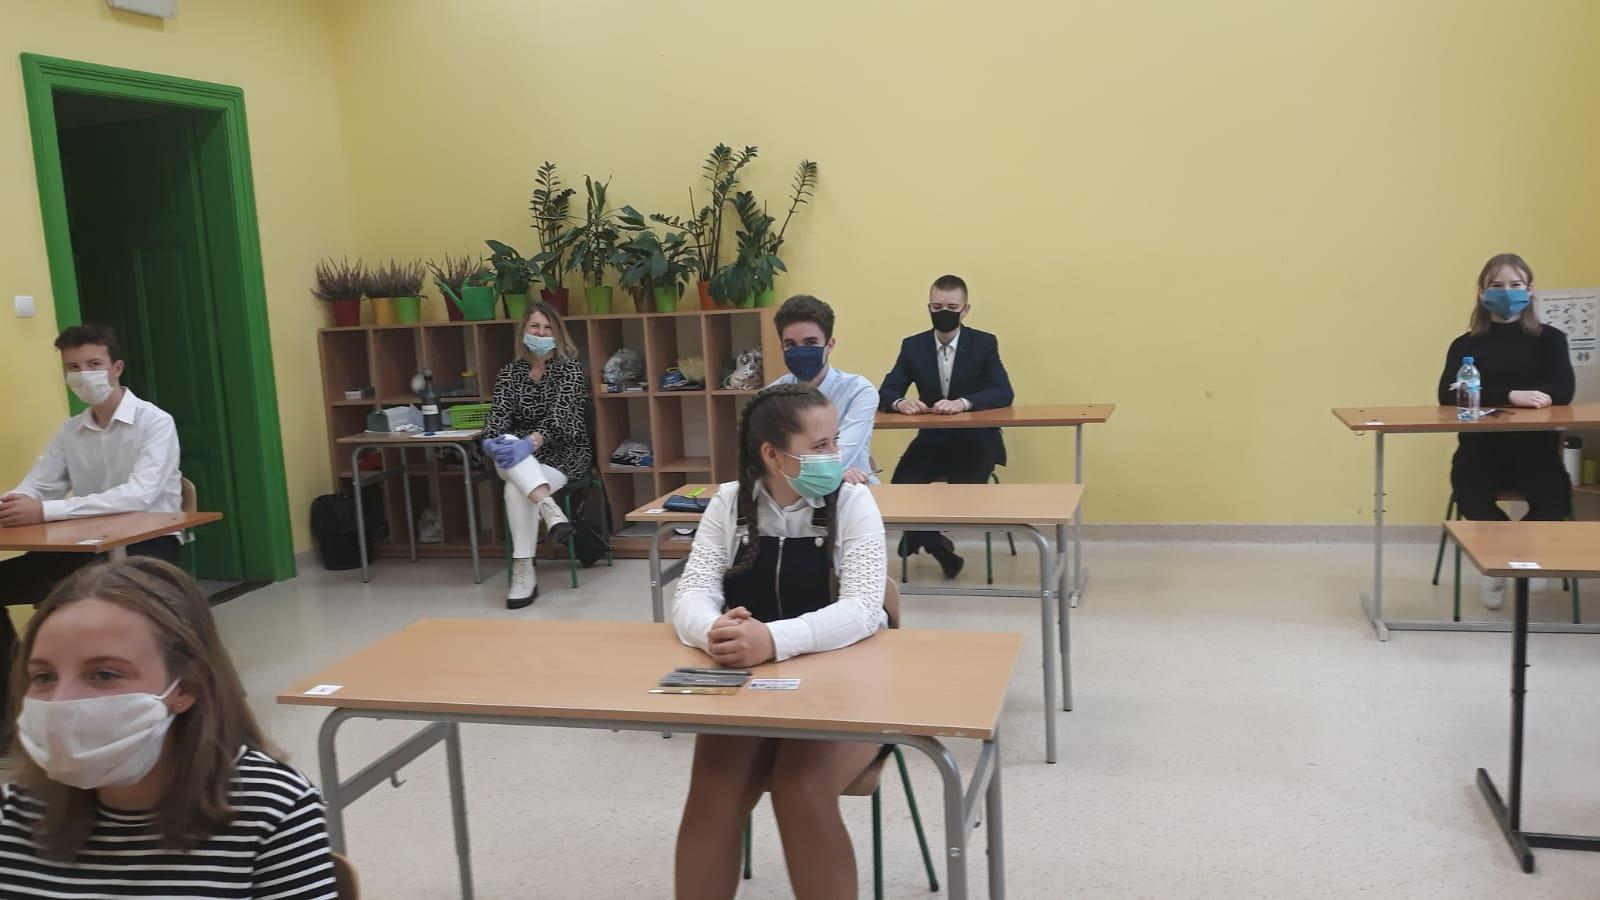 images/Galeria/egzaminosmaki20/IMG-20200617-WA0013